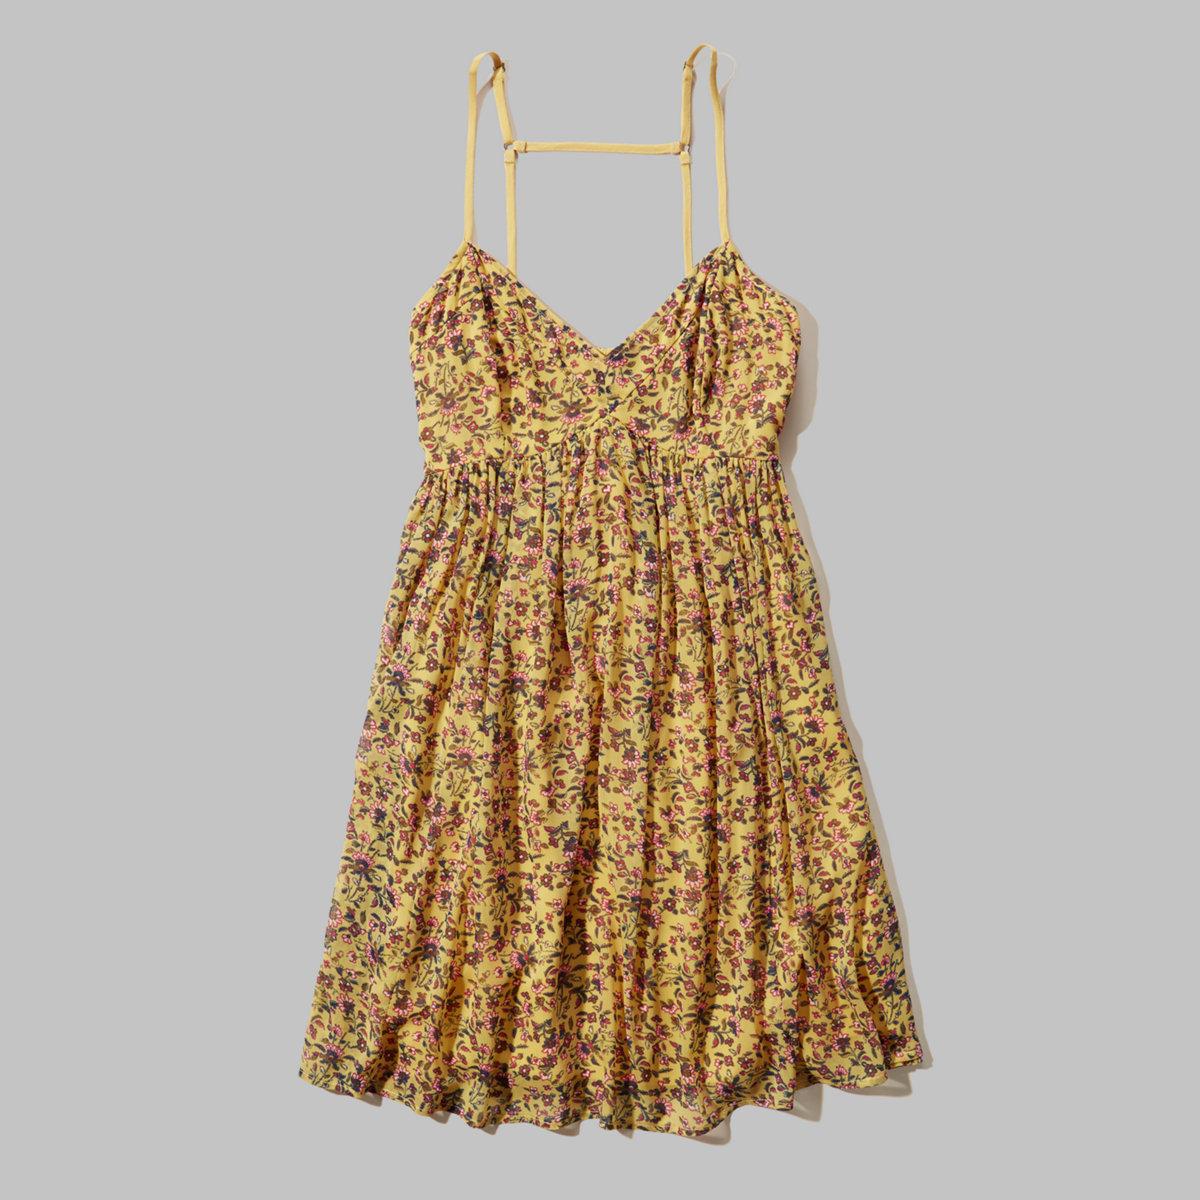 Patterned Chiffon Babydoll Dress